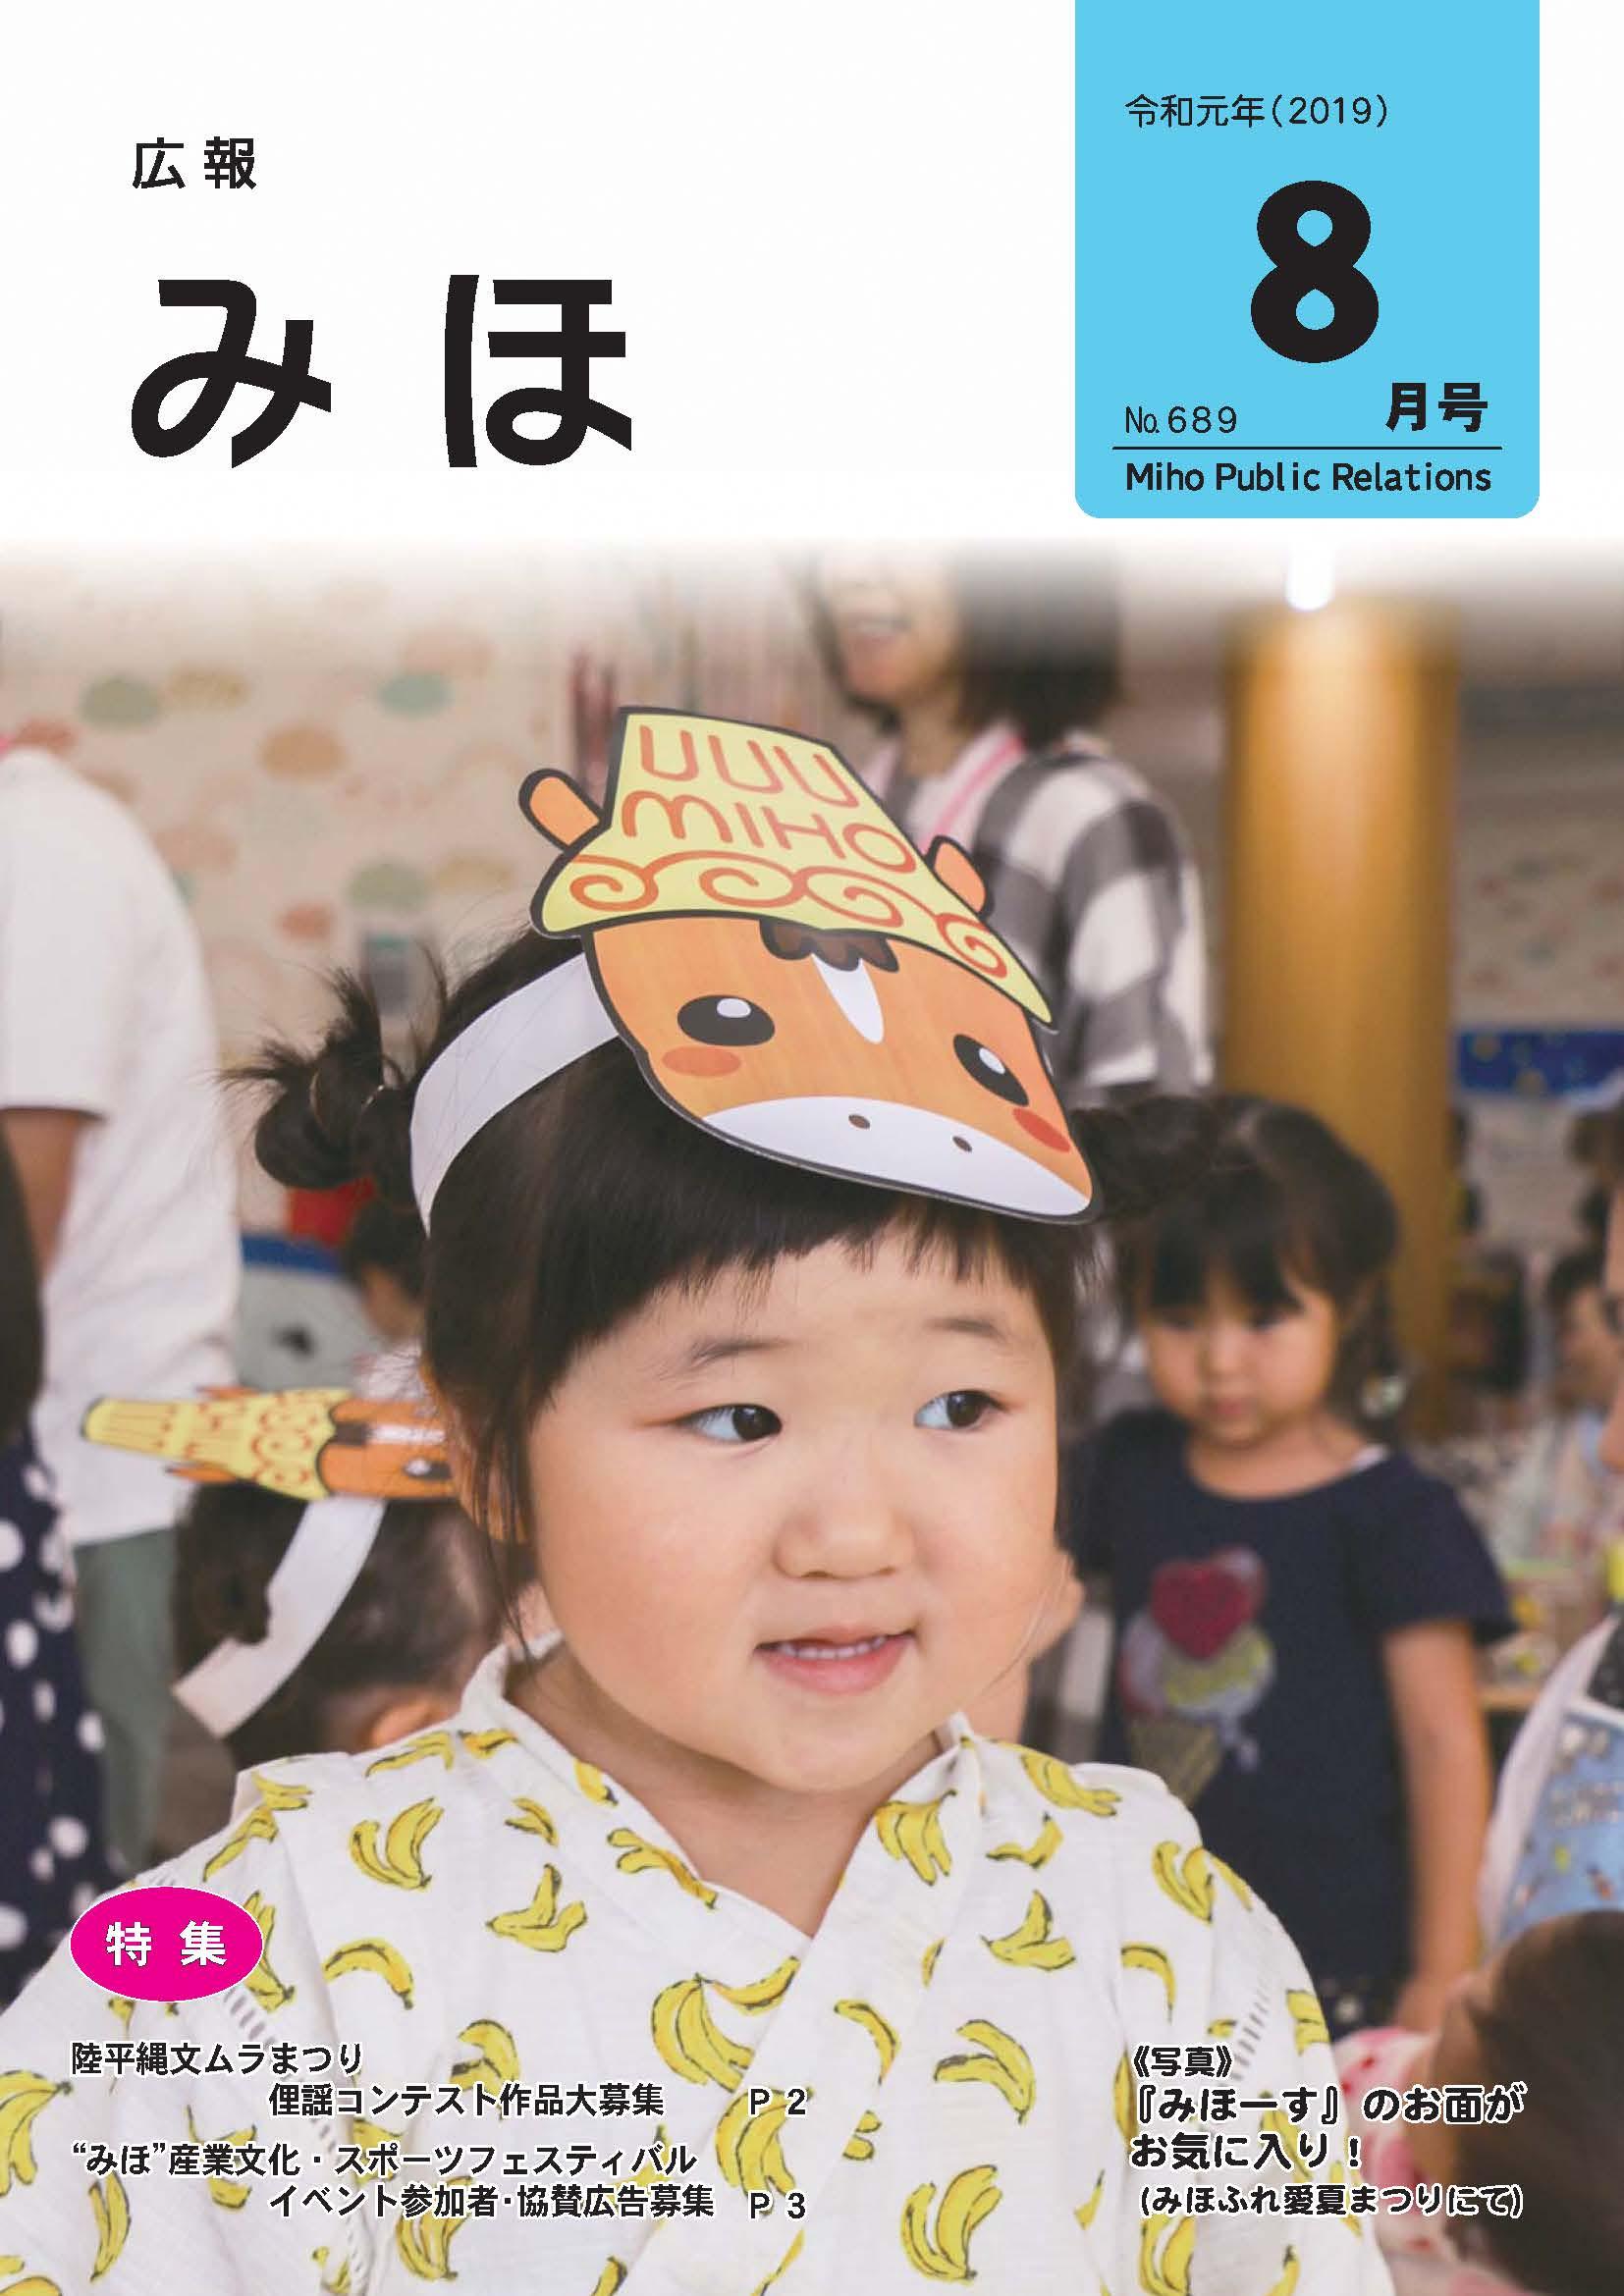 『『広報みほ令和元年8月号表紙』の画像』の画像